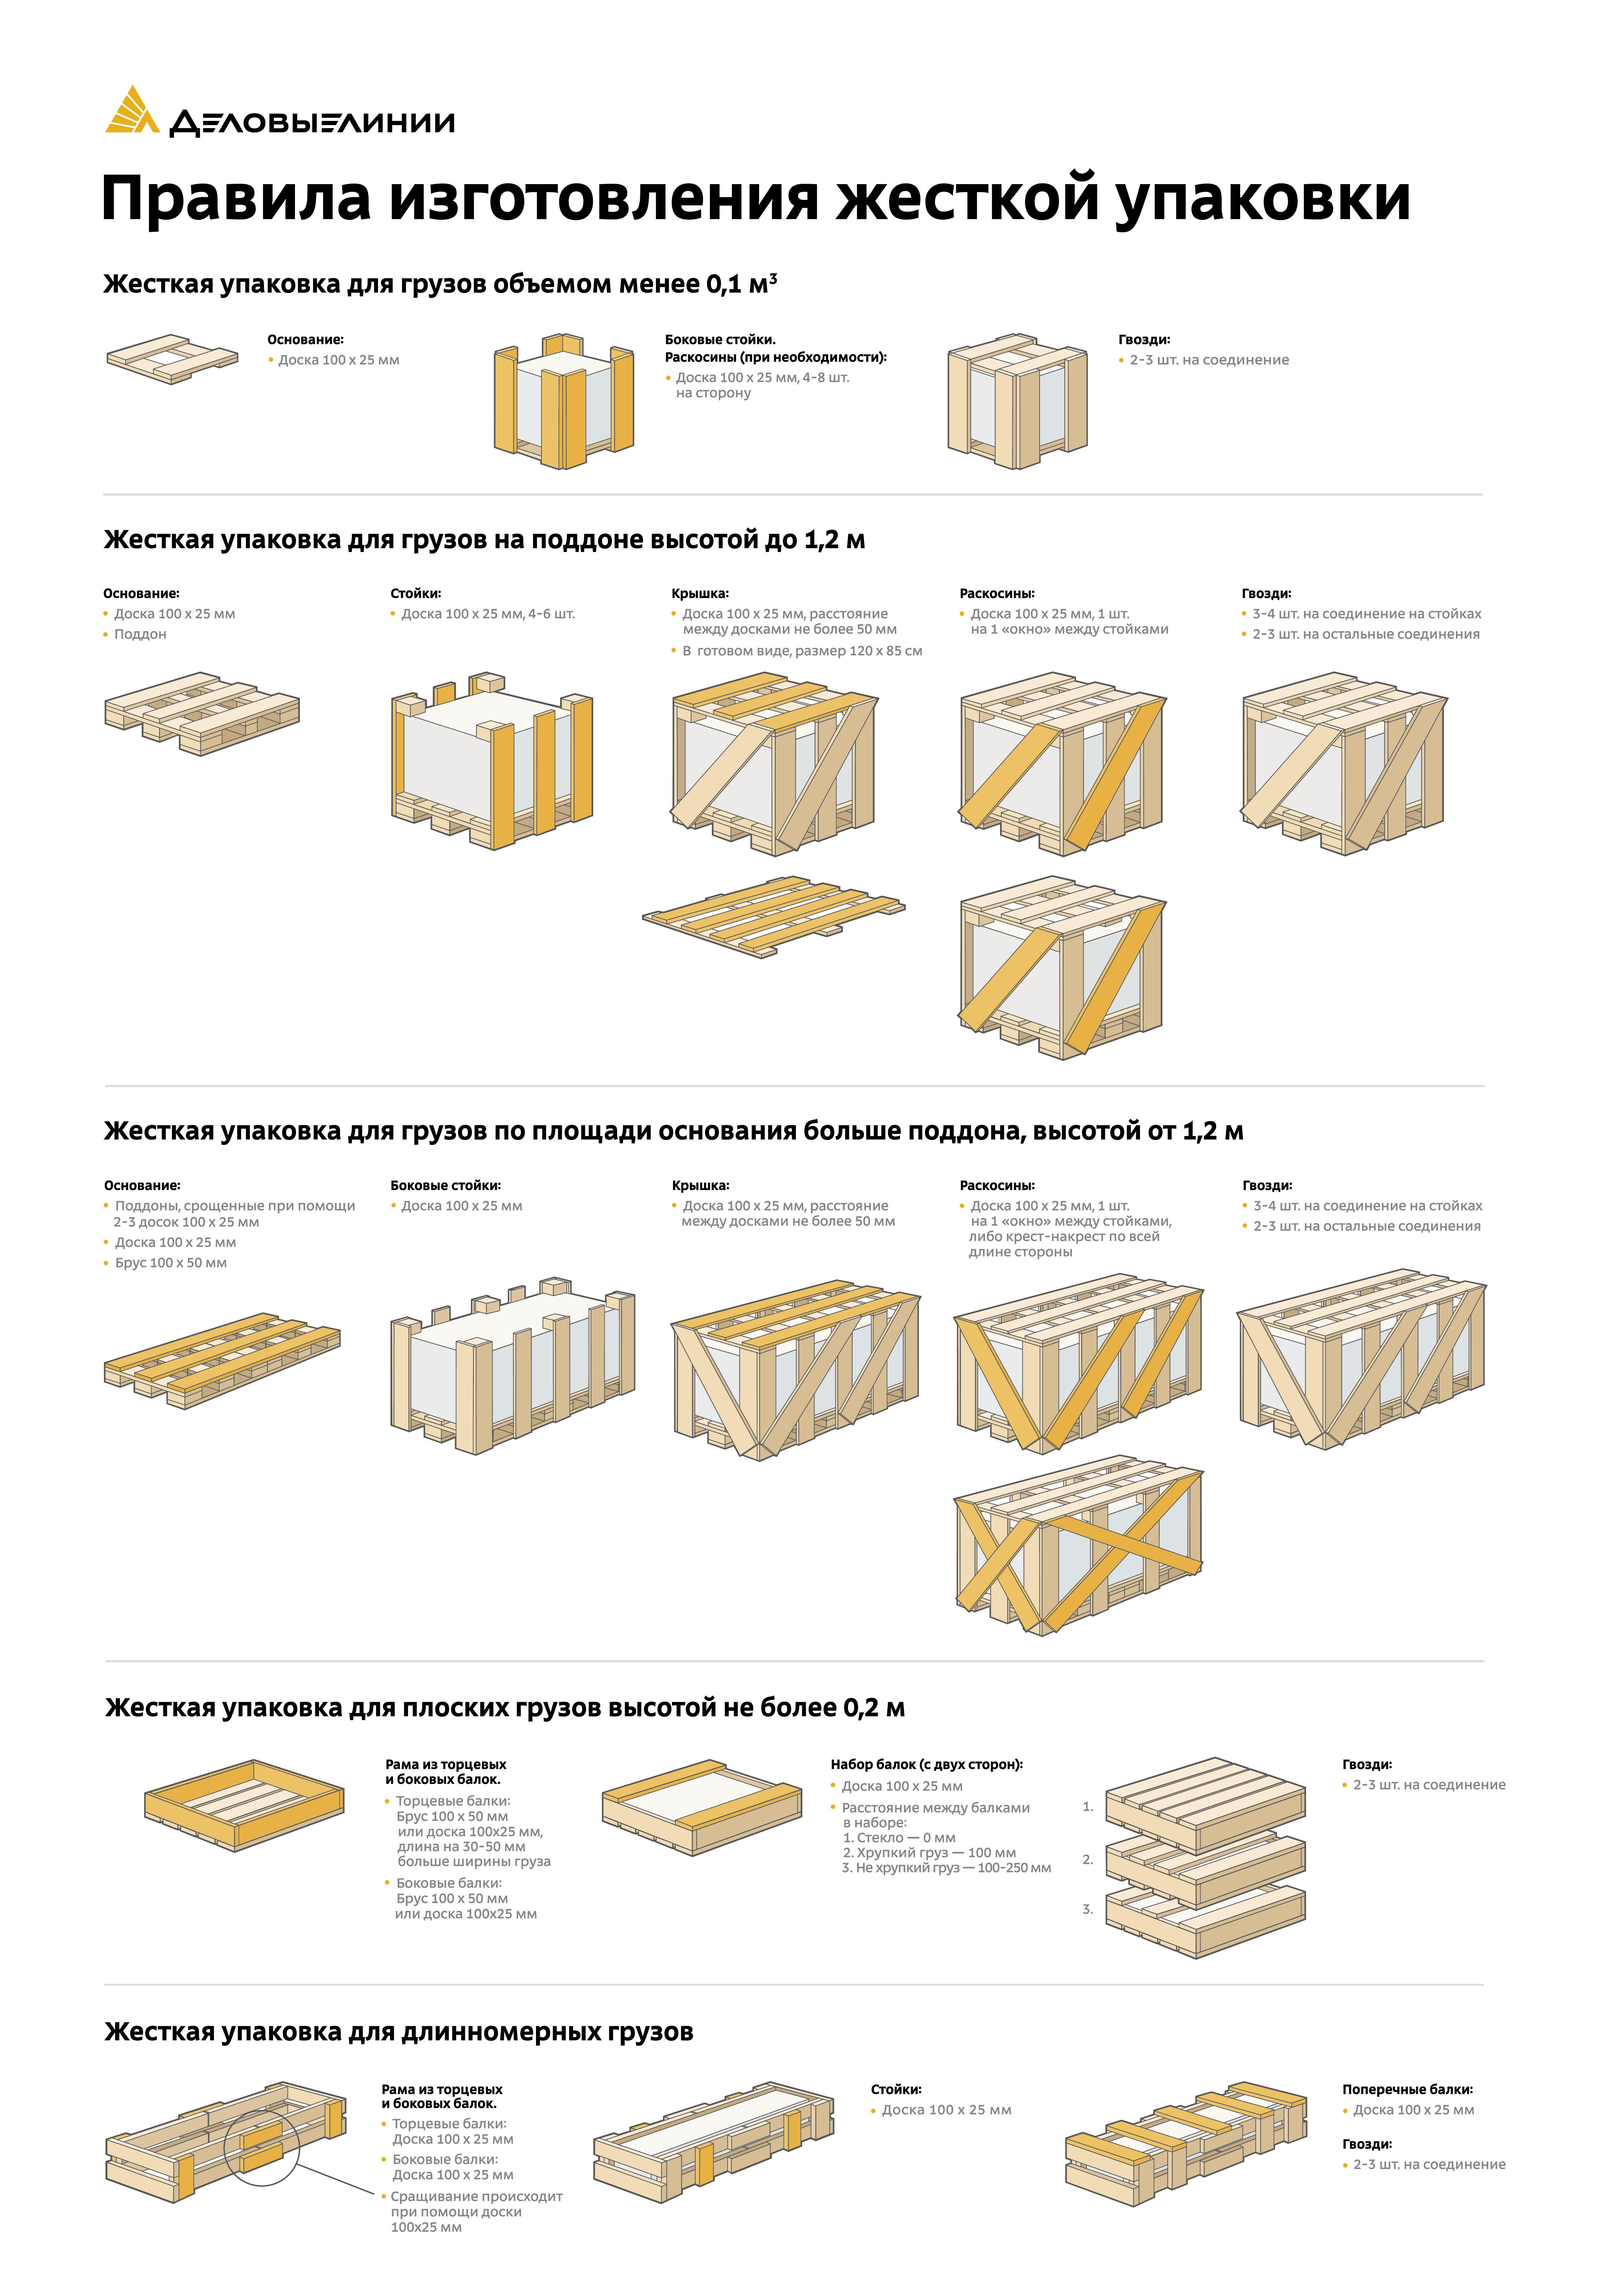 Плакат Деловые Линии «Правила изготовления жесткой упаковки»